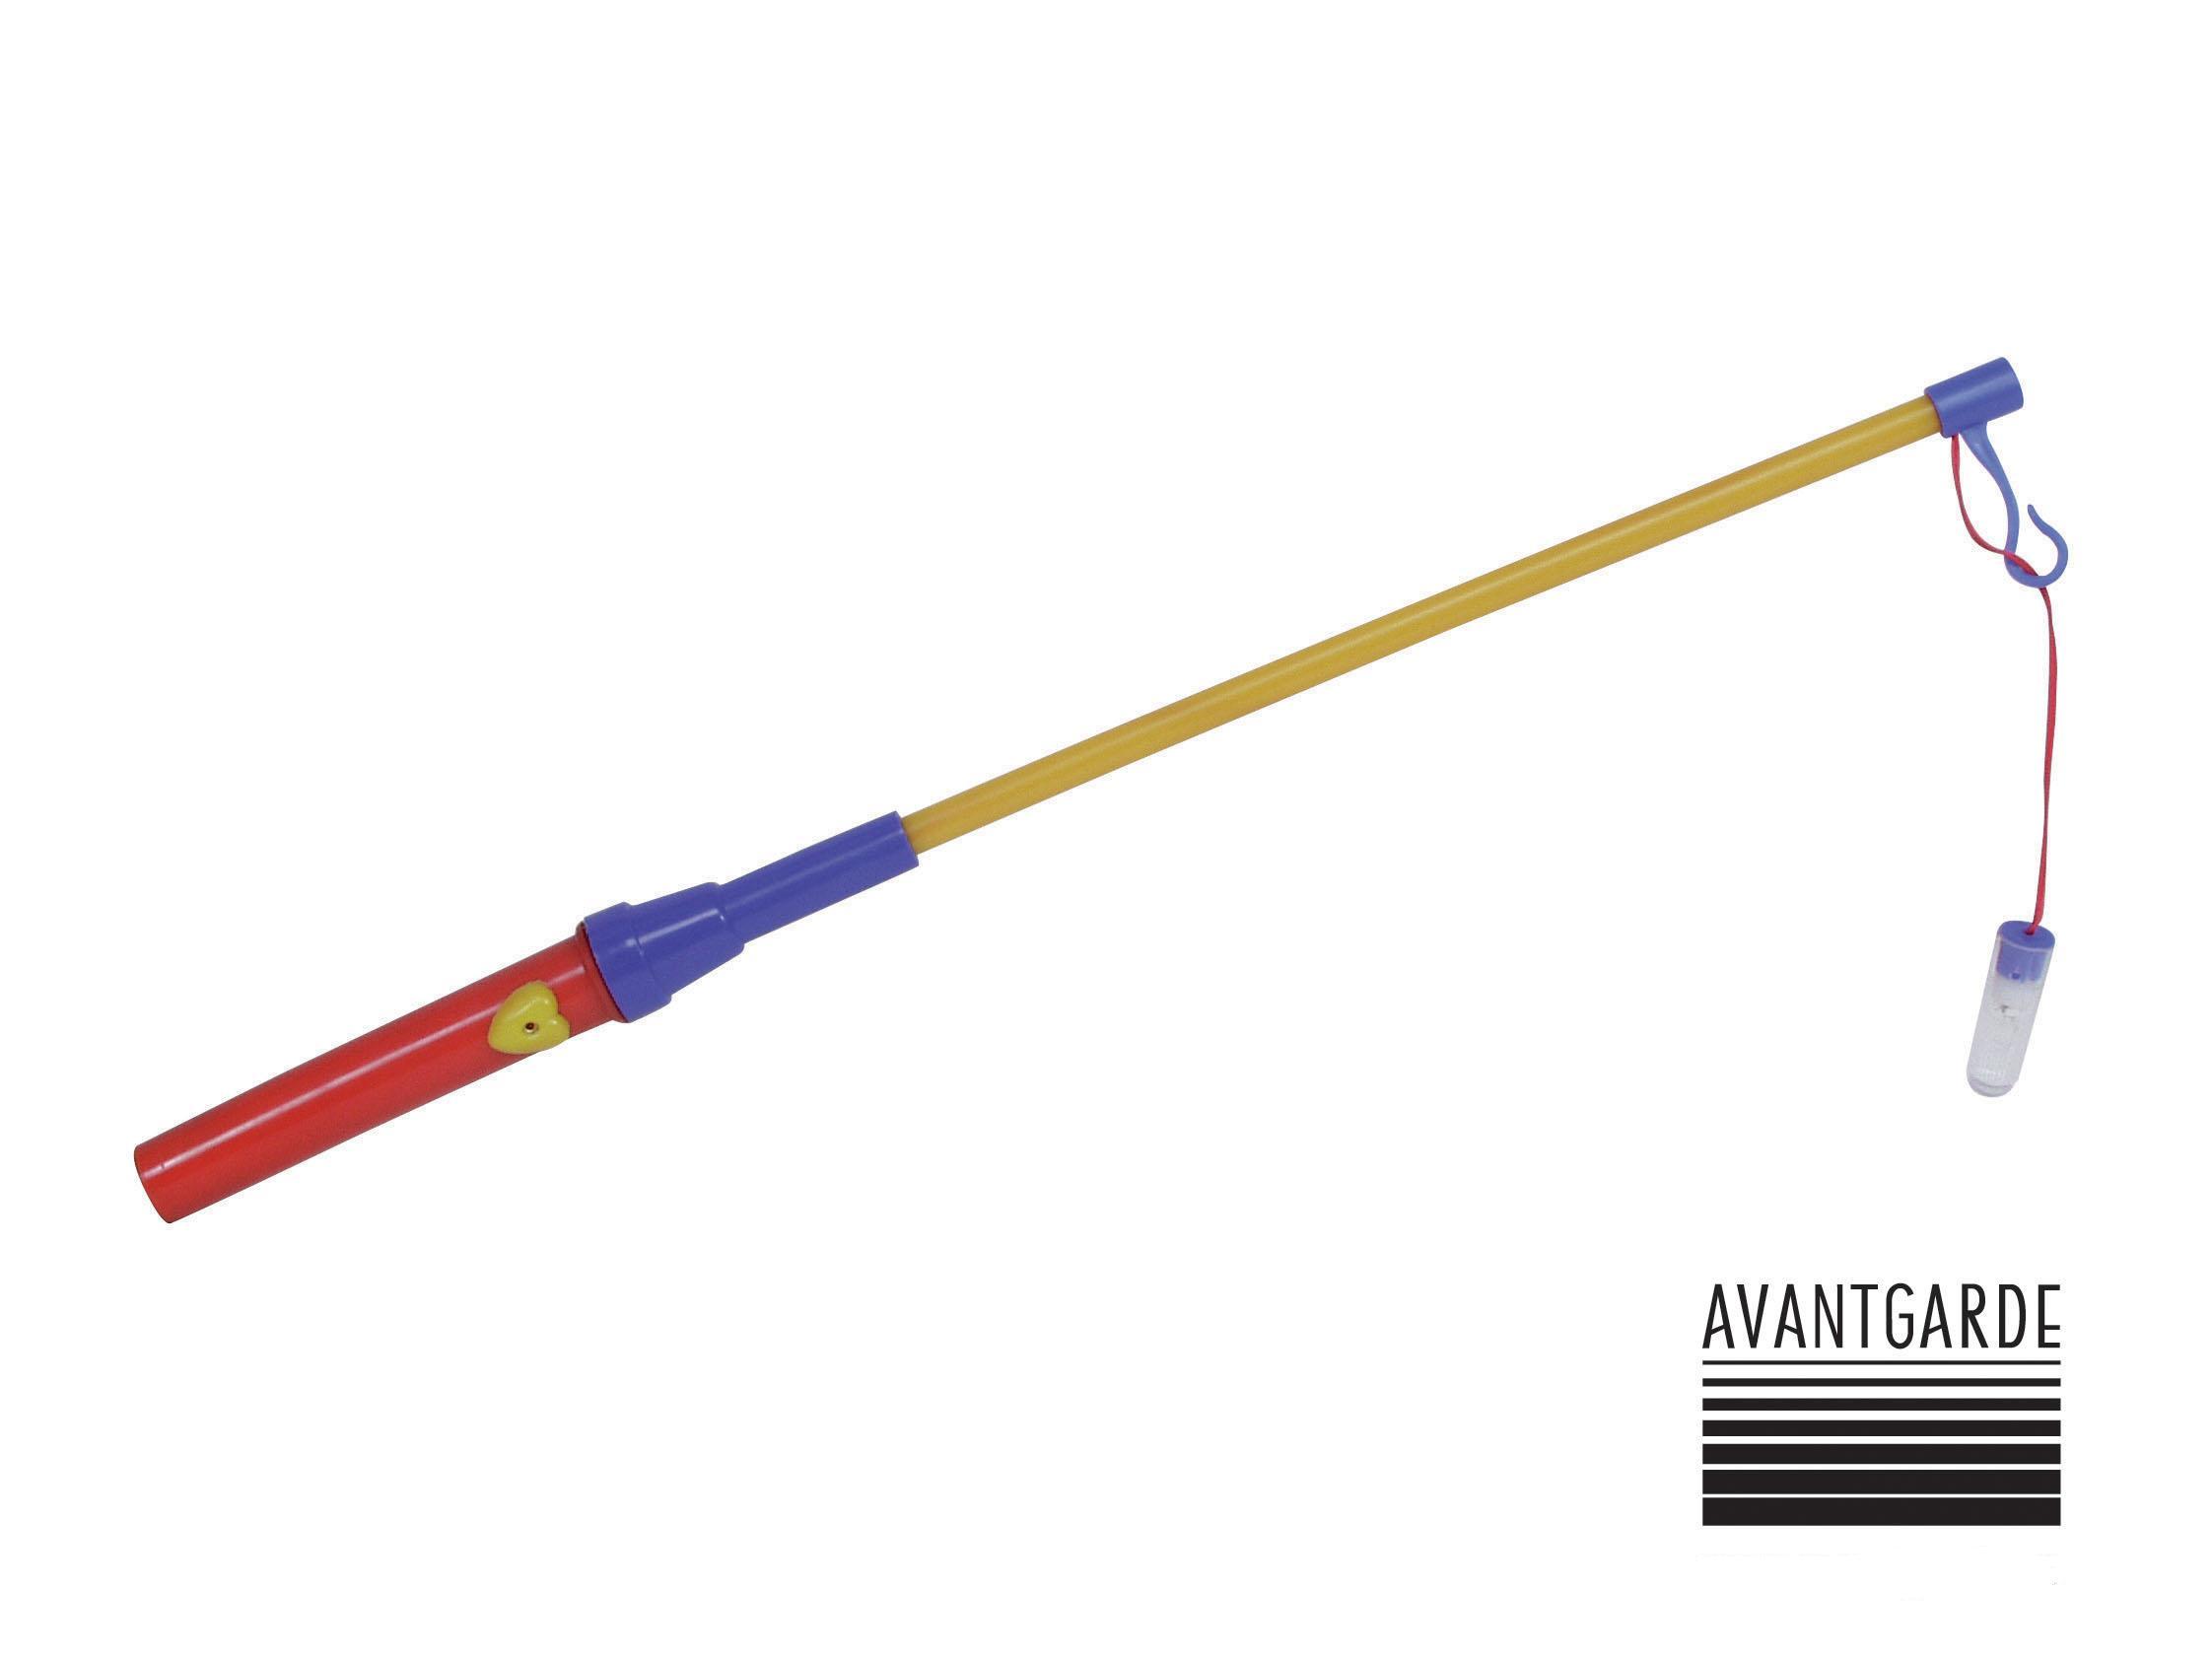 Laterne Holz Stecksystem Avantgarde Anleitung ~ Ein elektrischer Laternenstab mit der Länge 39cm, ein muß für jeden